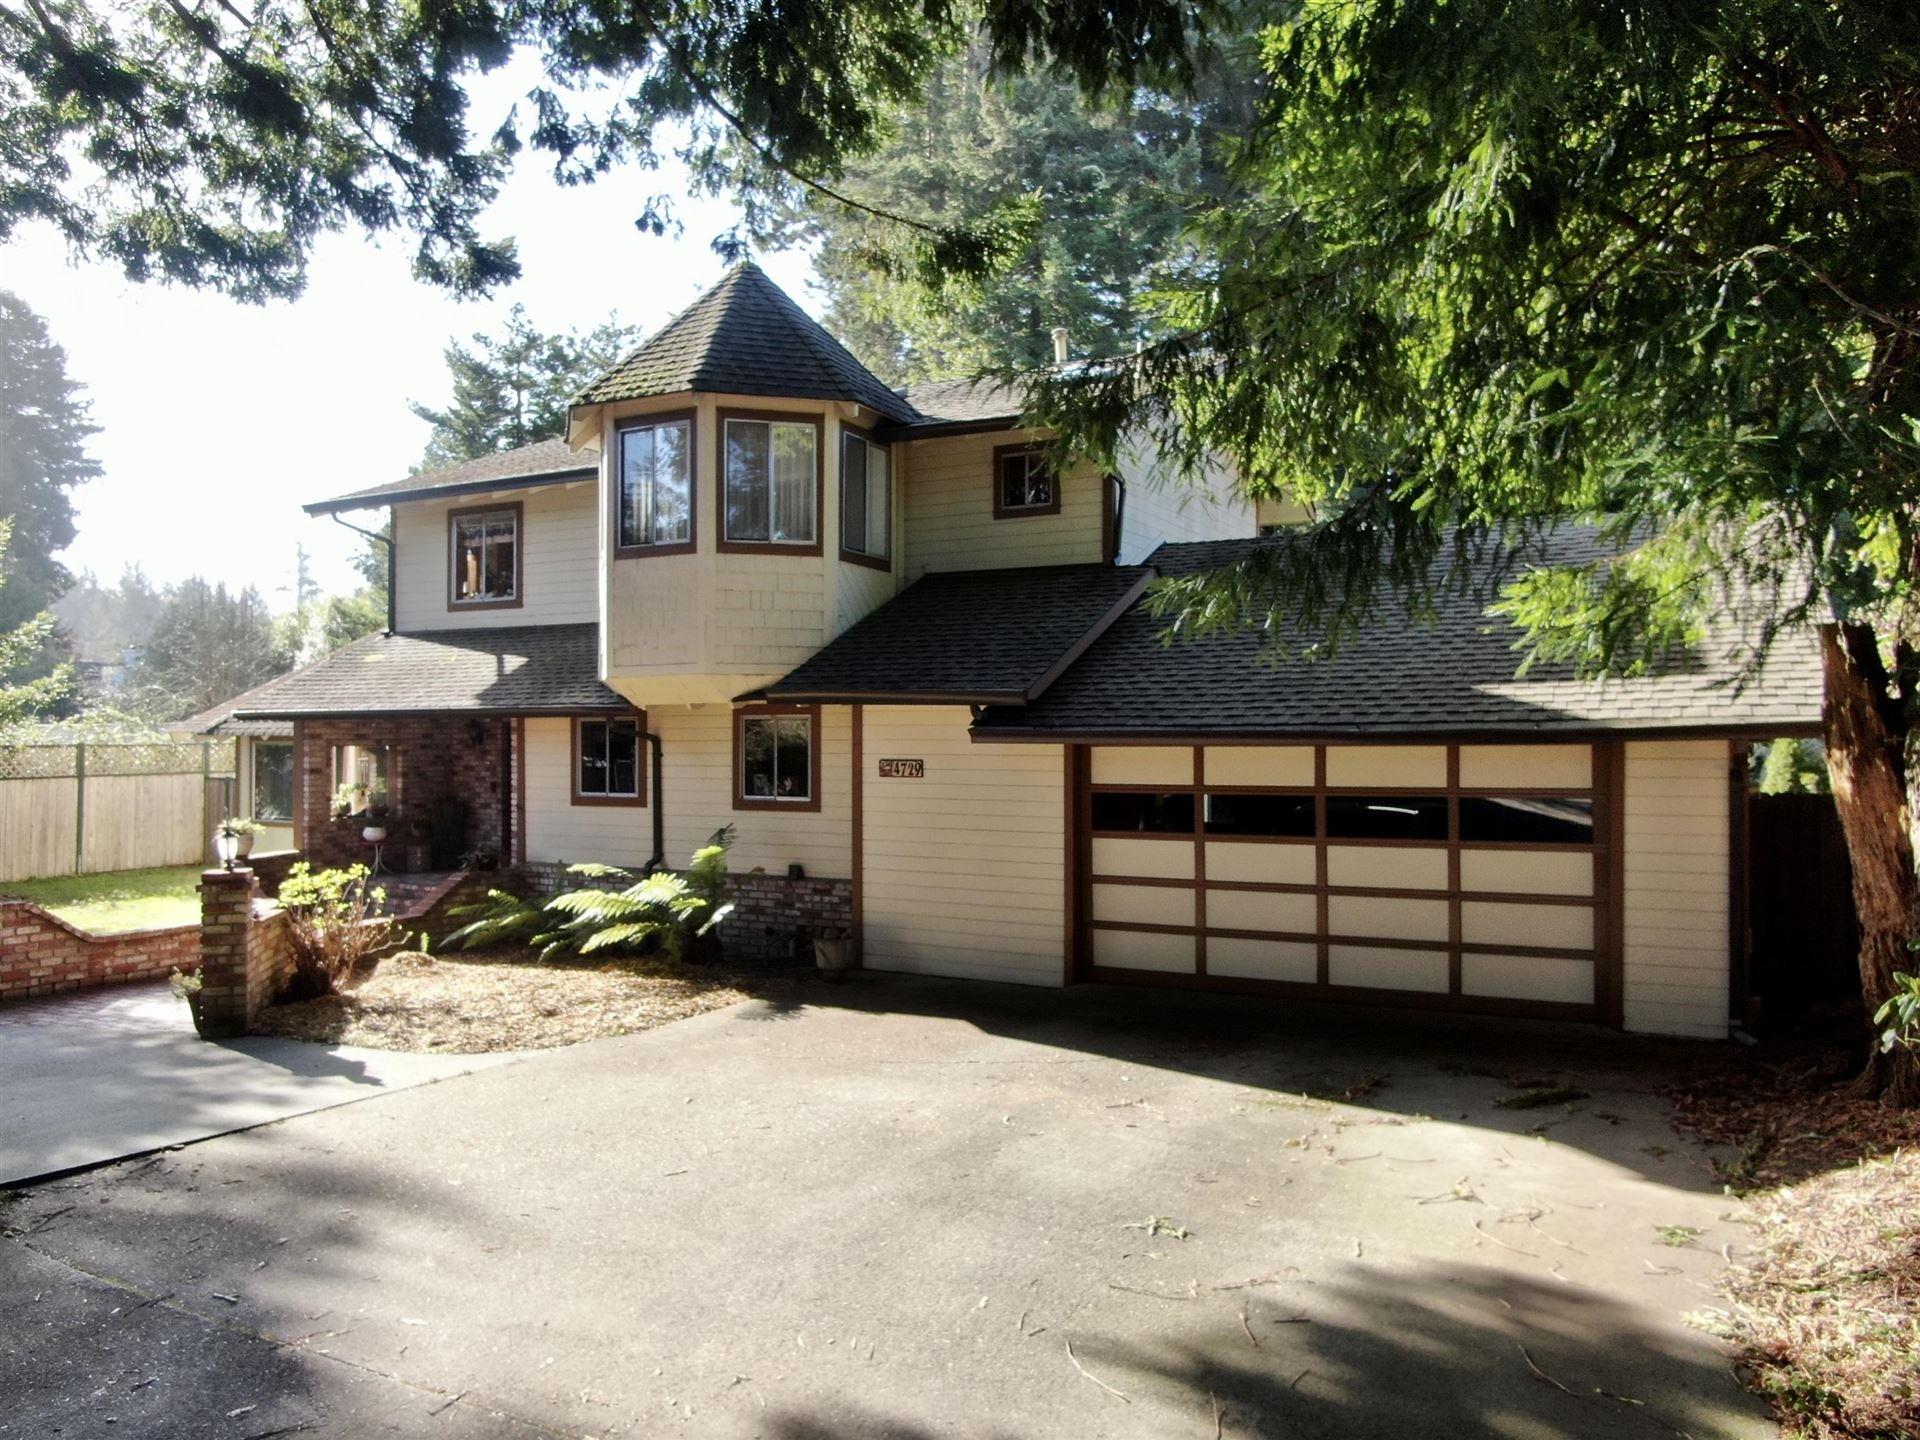 4729 Briggs Lane, Eureka, CA 95503 - MLS#: 258736